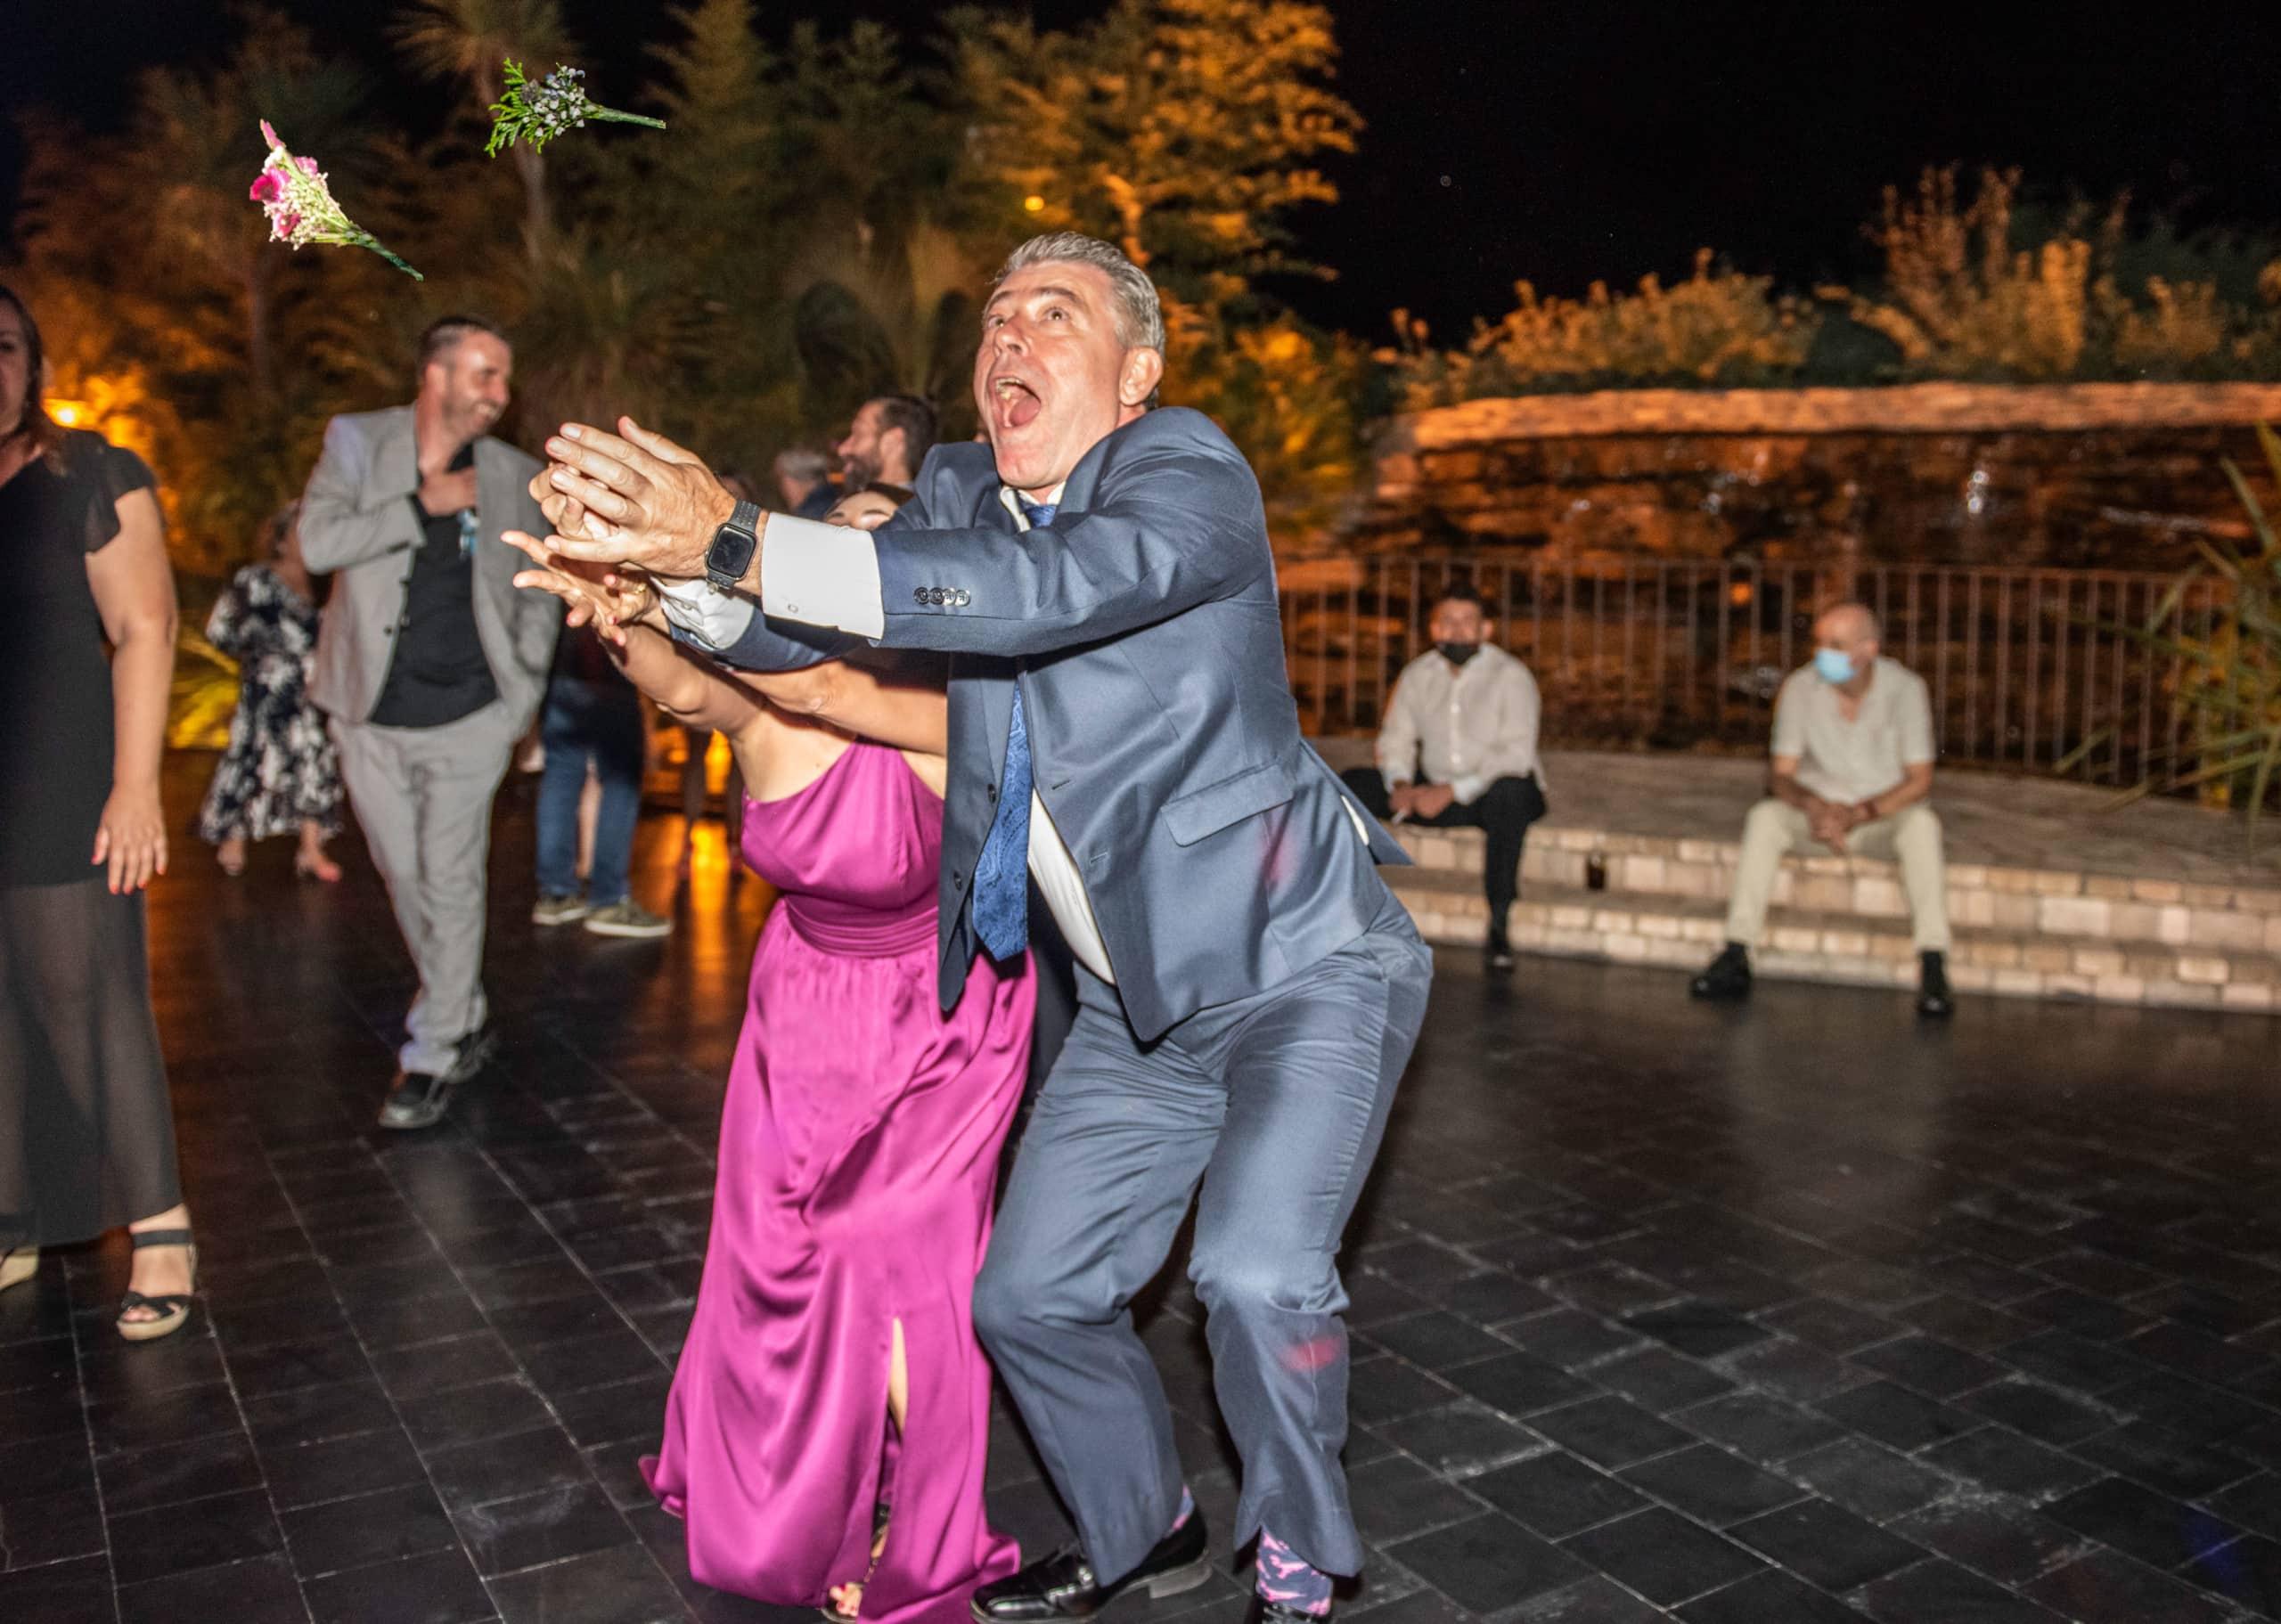 La fotografa de tu boda Ana Porras Fotos y Bodas Ivan y Carlos